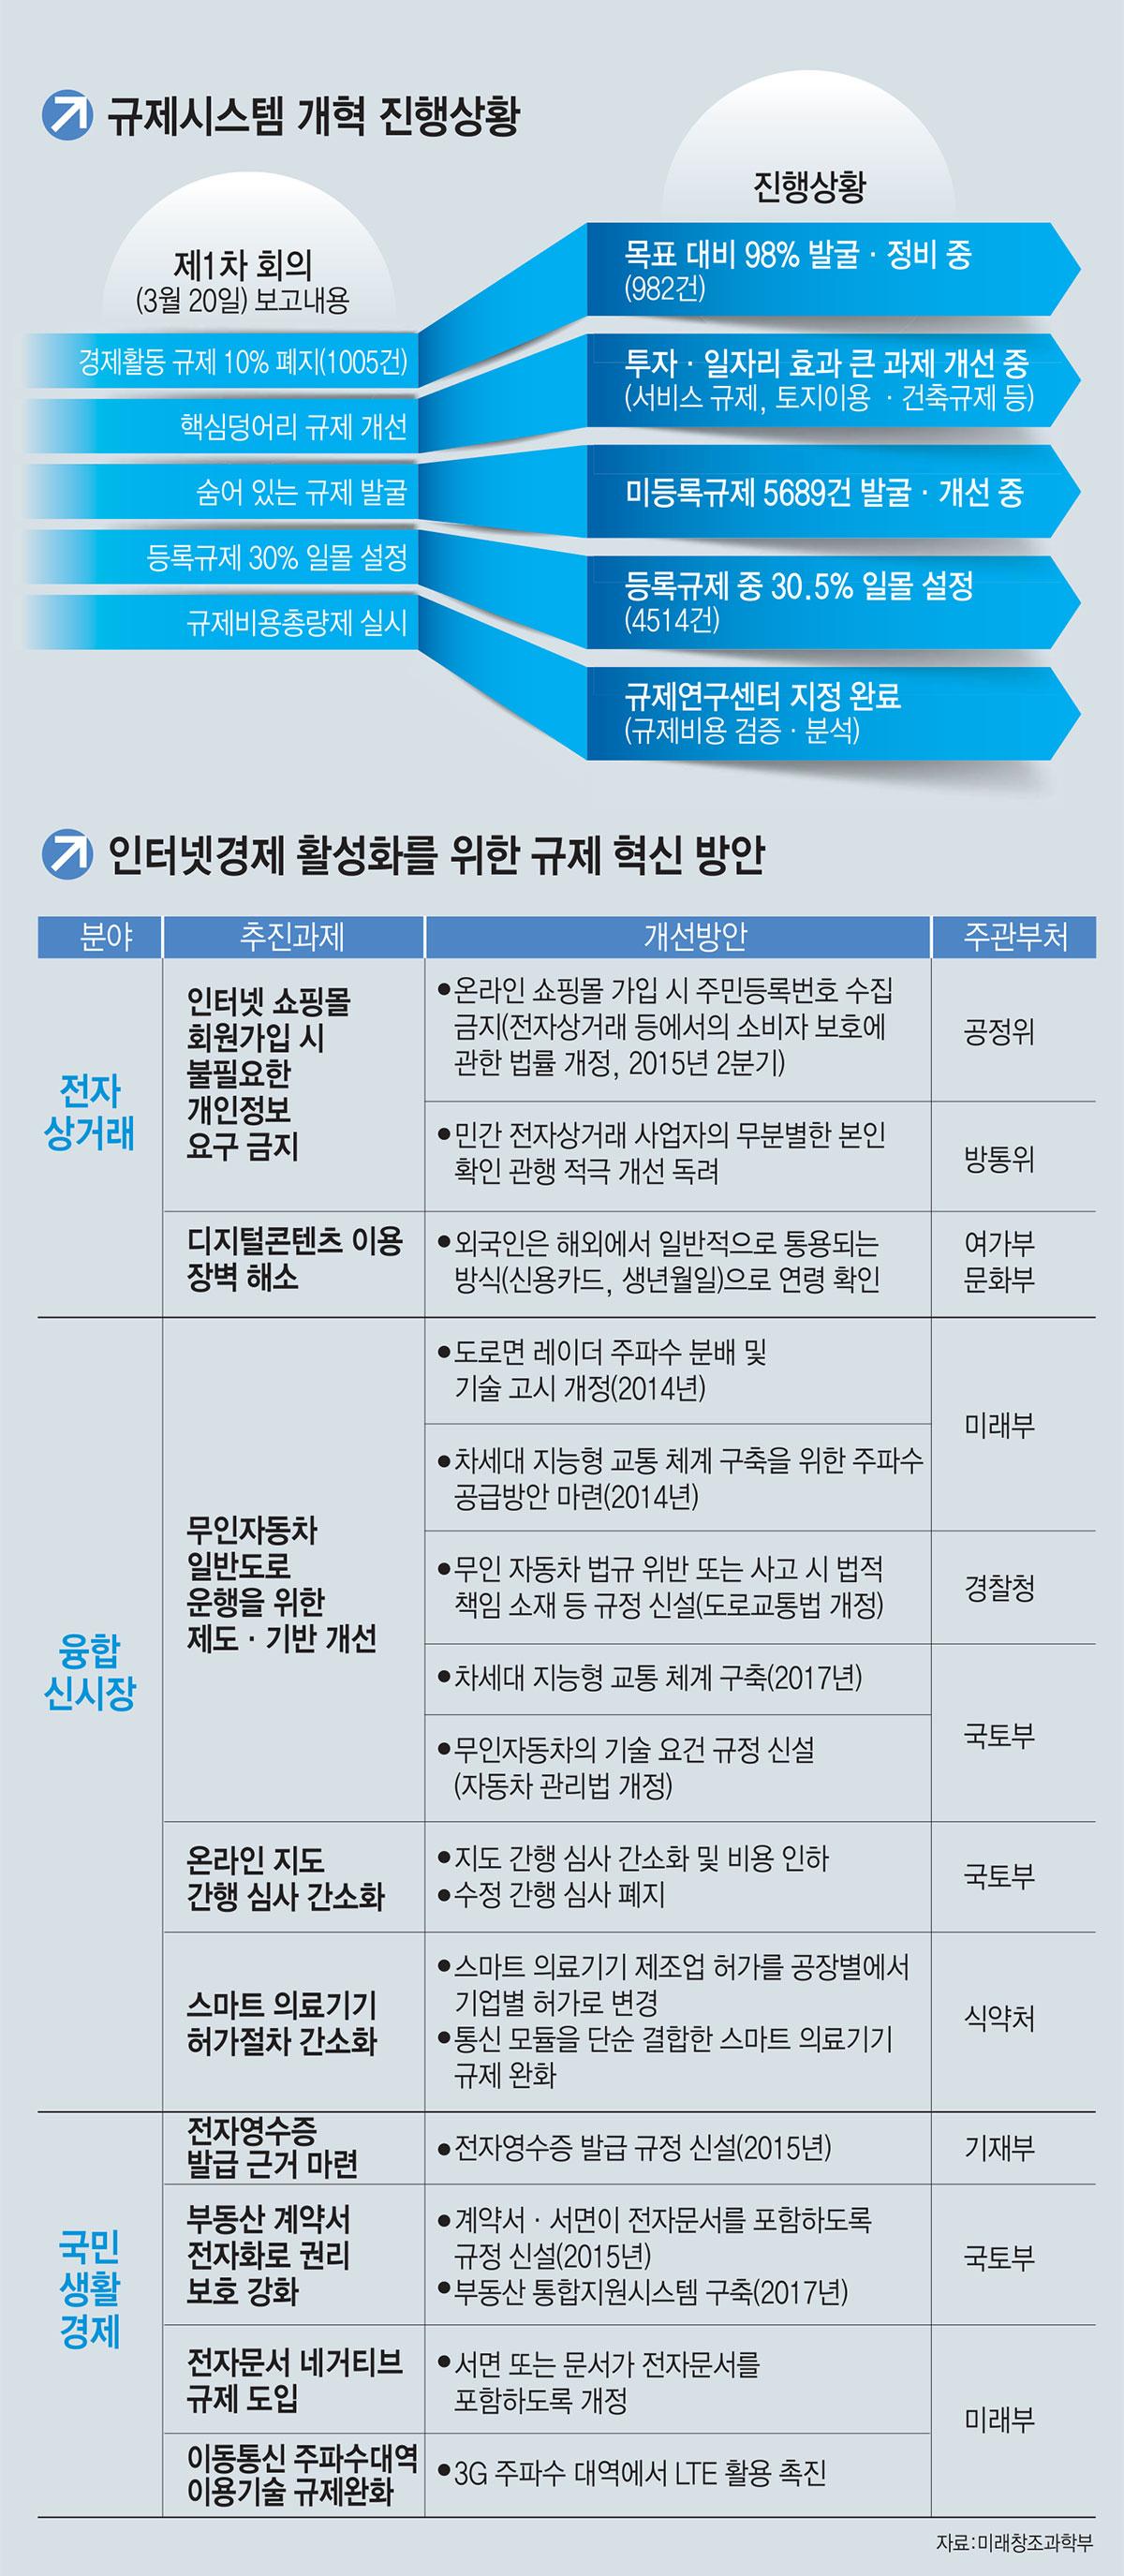 [이슈분석]규제정보포털 국민참여형으로 전면 개편